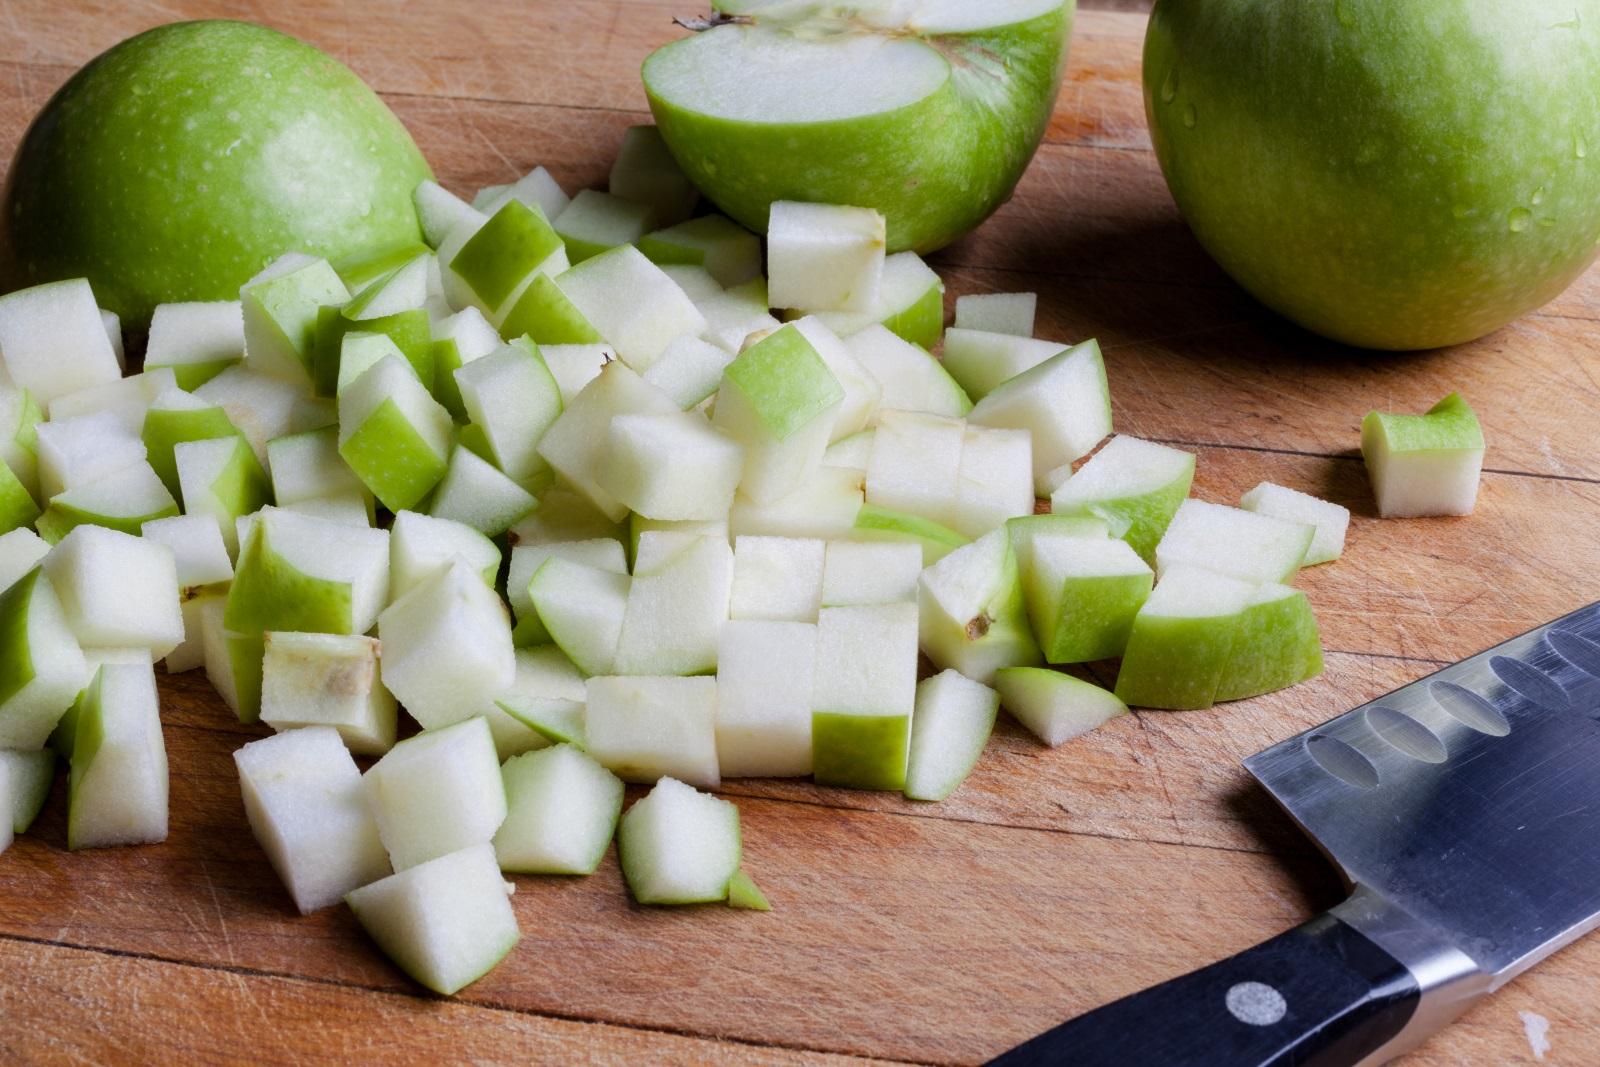 <p>Ябълките помагат в битката с излишните килограми.Този плод не е много калоричен и помага за потискането на апетита. Когато се почувствате гладни, по-добре хапнете една ябълка, вместо да се нахвърлите на пакетче чипс или солети. Ако не сте големи фенове на ябълката, можете да се опитате да я консумирате и под друга форма &ndash; като прясно изцеден сок, в салата, пай и т.н.</p>